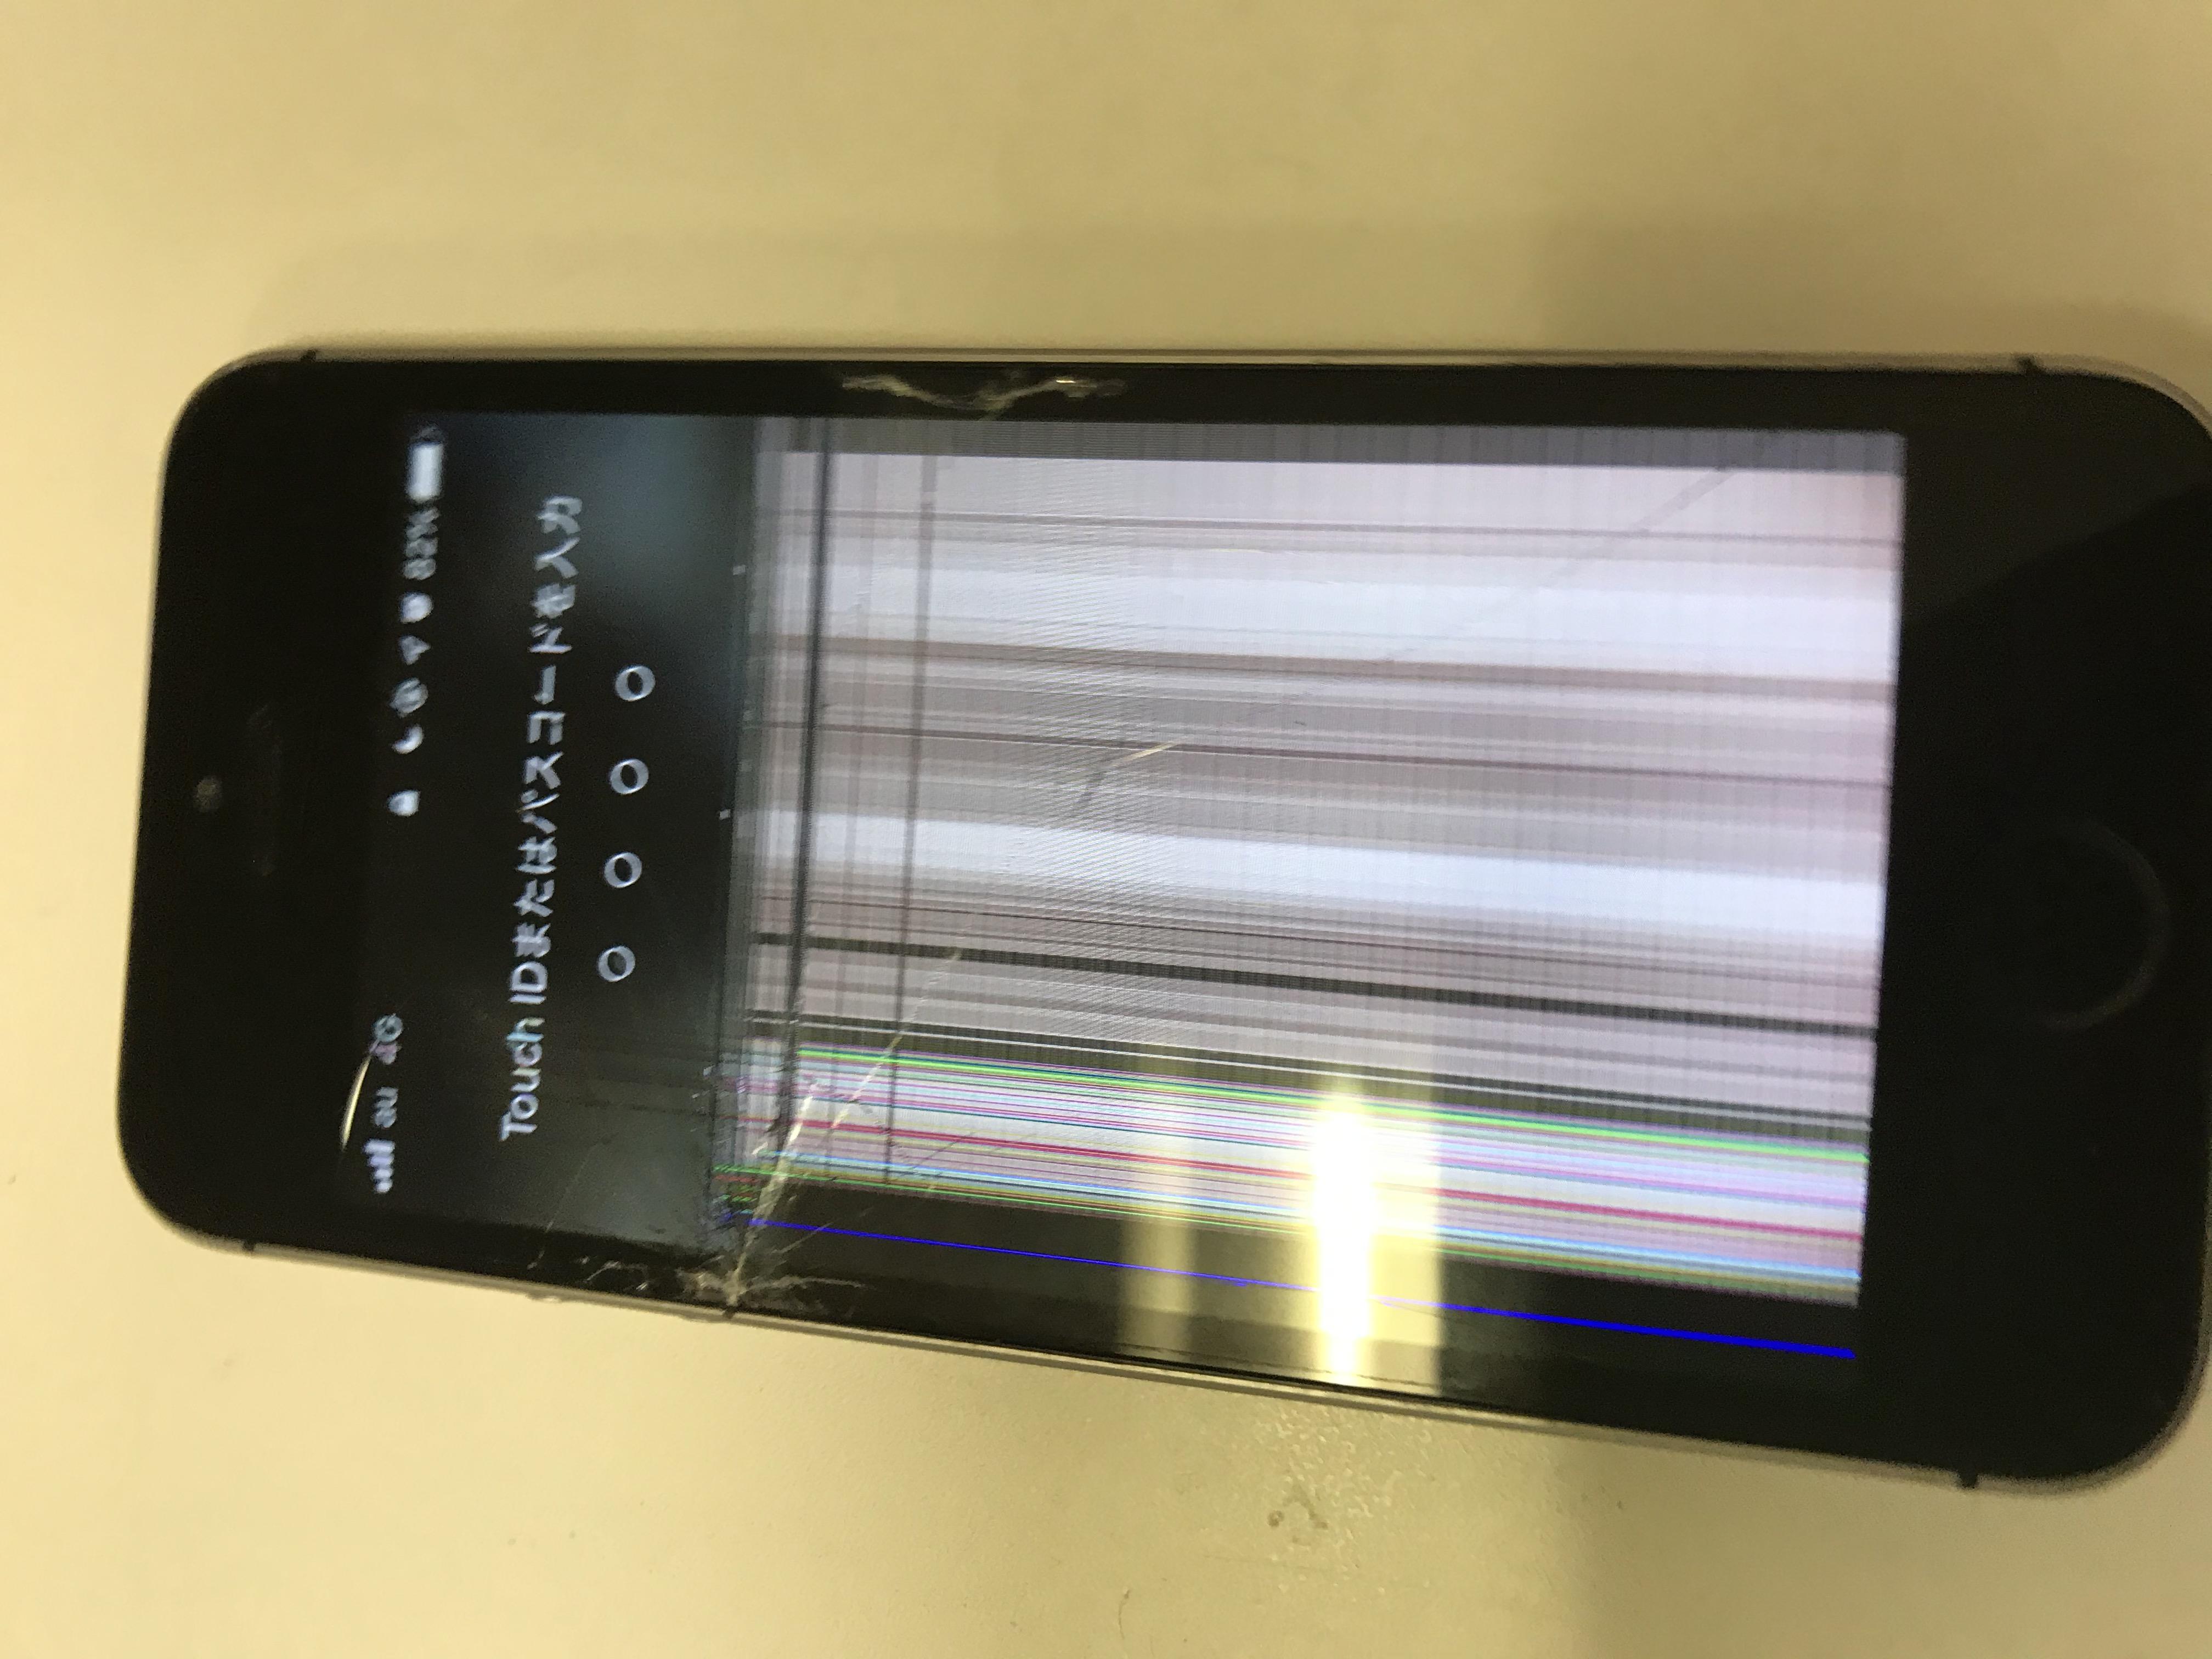 修理前:画面が映らなくなったiPhoneSEも画面交換修理をすると・・・!!